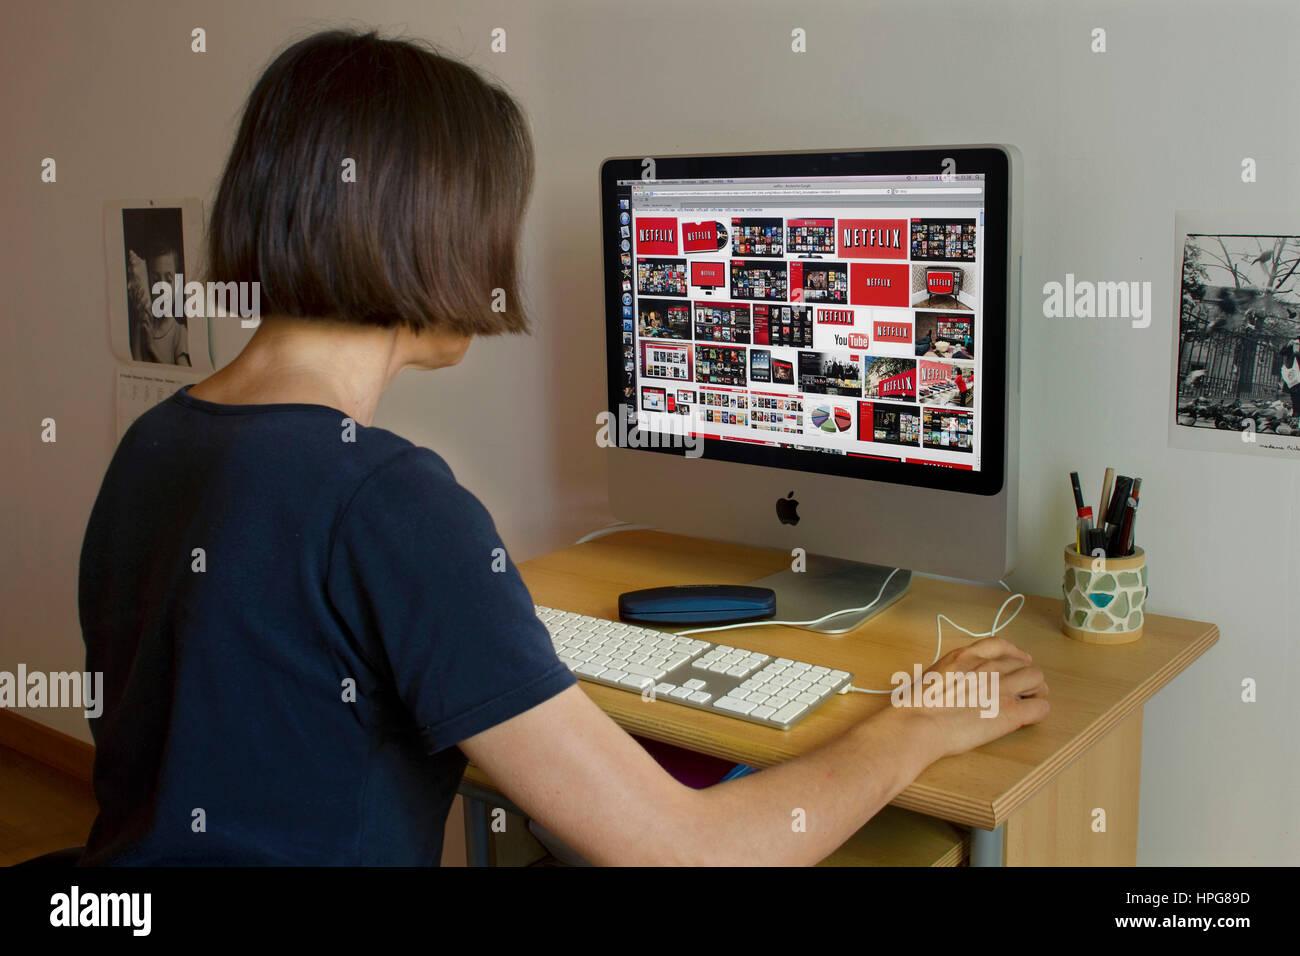 Mujer en frente de una pantalla de ordenador mostrar Netflix. Imagen De Stock